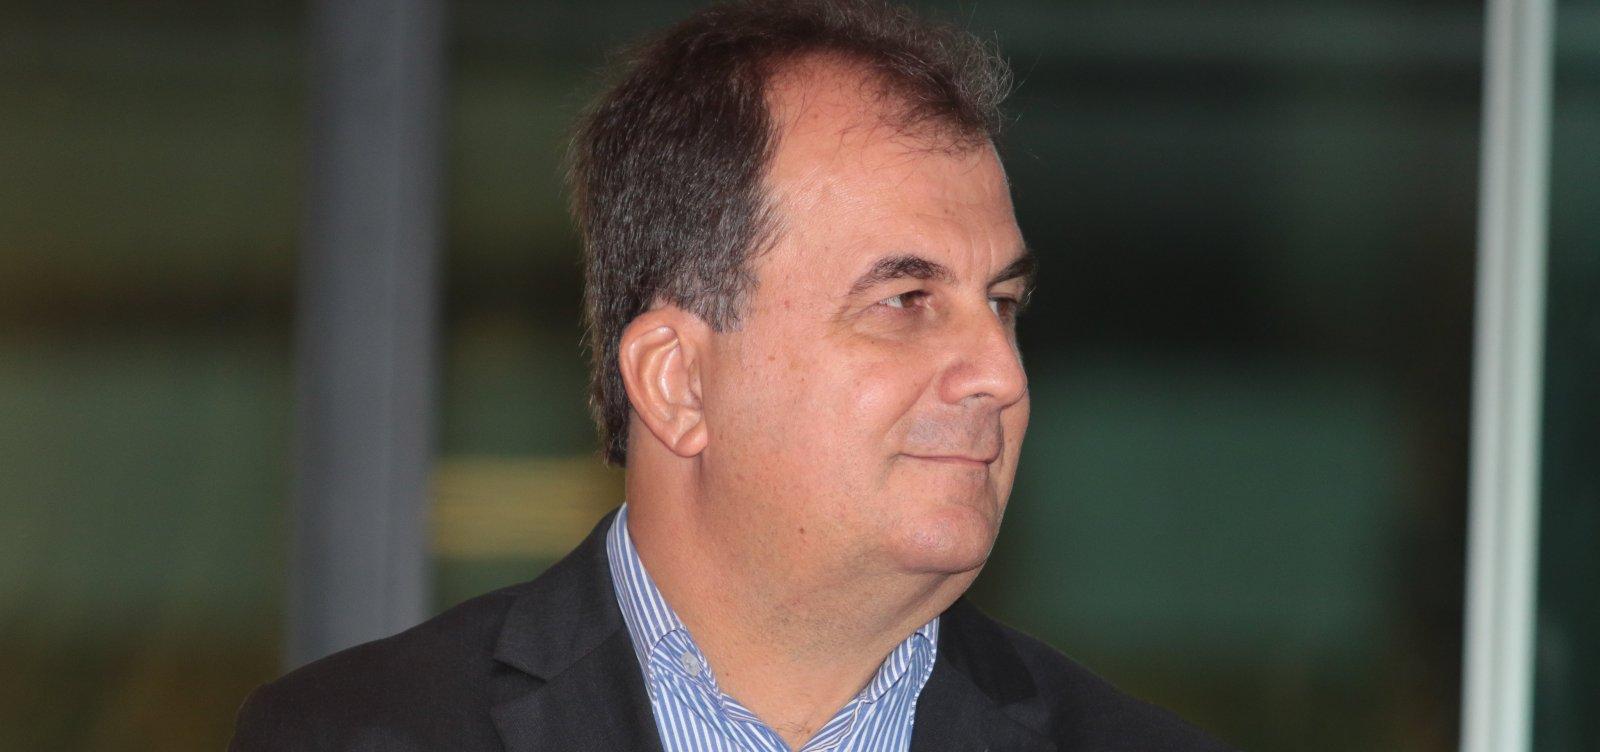 [Presidente do Conselho, Mota diz que Vitória só tem futebol feminino 'por obrigação']